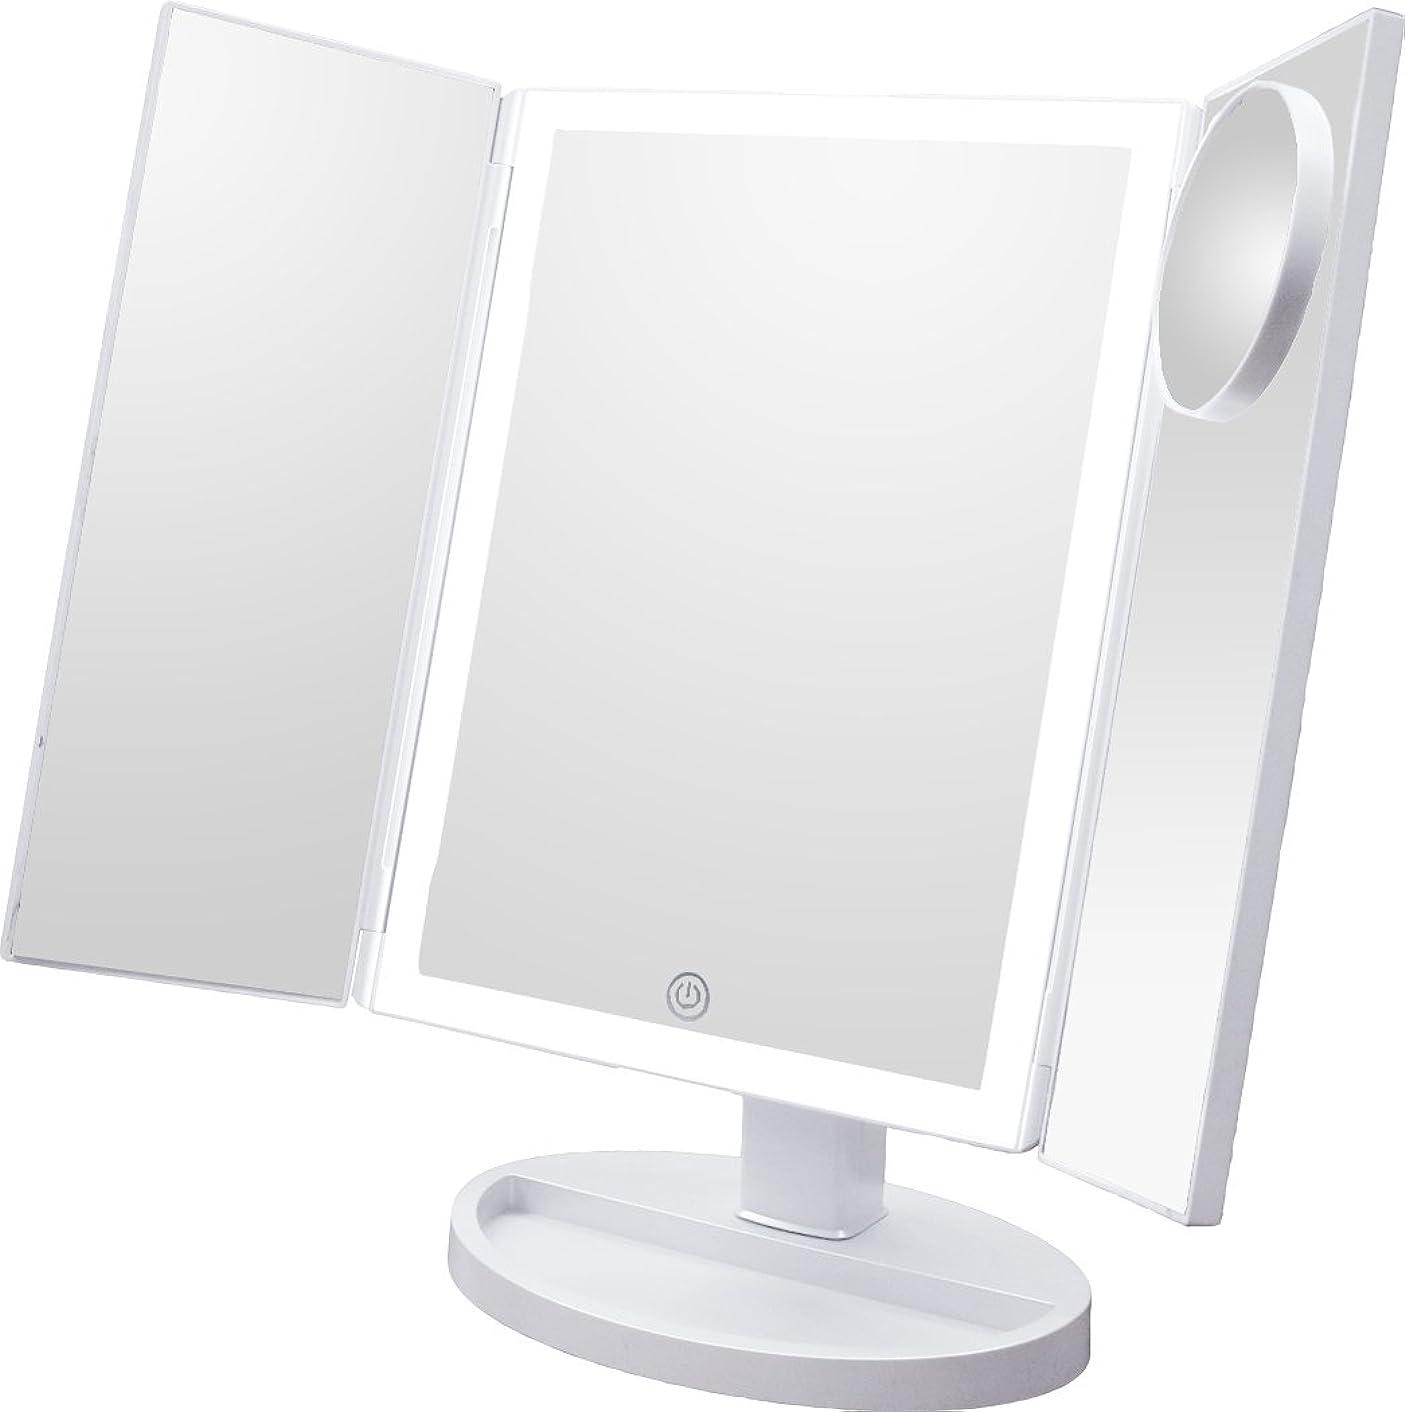 不名誉受信機扱いやすいLEDミラー LEDバー 3面鏡 10倍拡大鏡付き 女優ミラー メイクミラー ブライトミラー 卓上ミラー スタンドミラー (ホワイト)